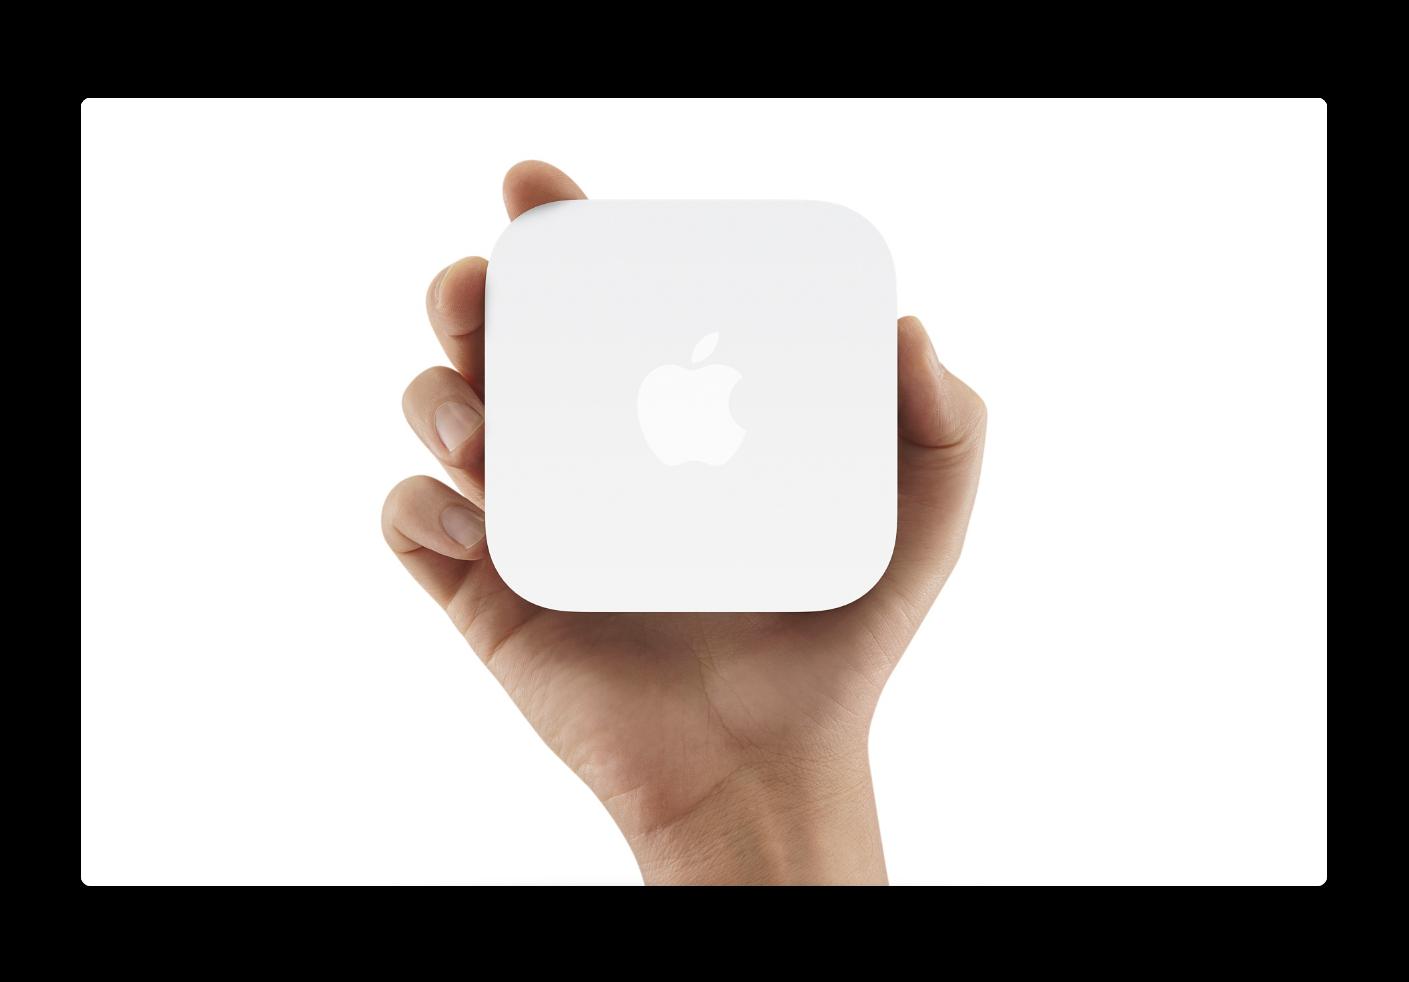 今秋のLCD iPhoneのディスプレイのガラスはより強度が増し衝撃に強くなる